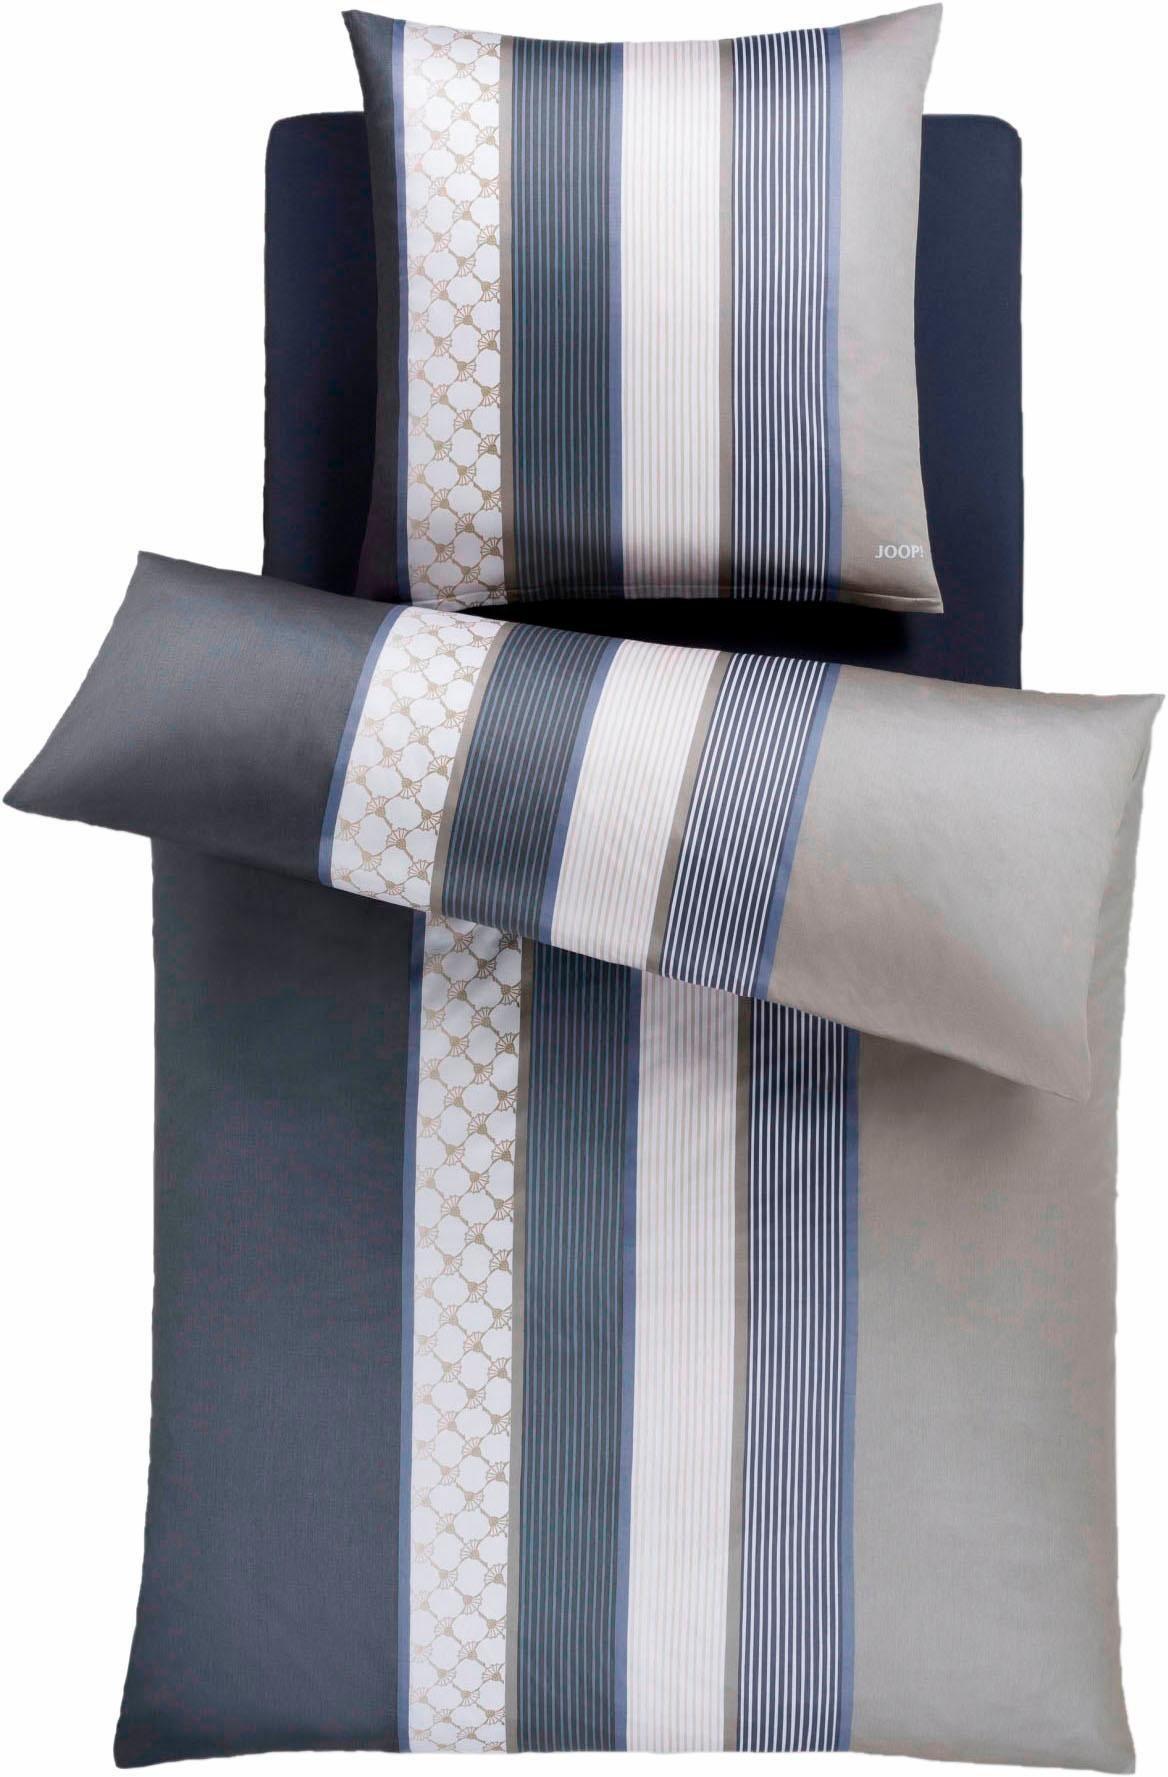 bettw sche stripe joop preisvergleich die besten angebote online kaufen. Black Bedroom Furniture Sets. Home Design Ideas